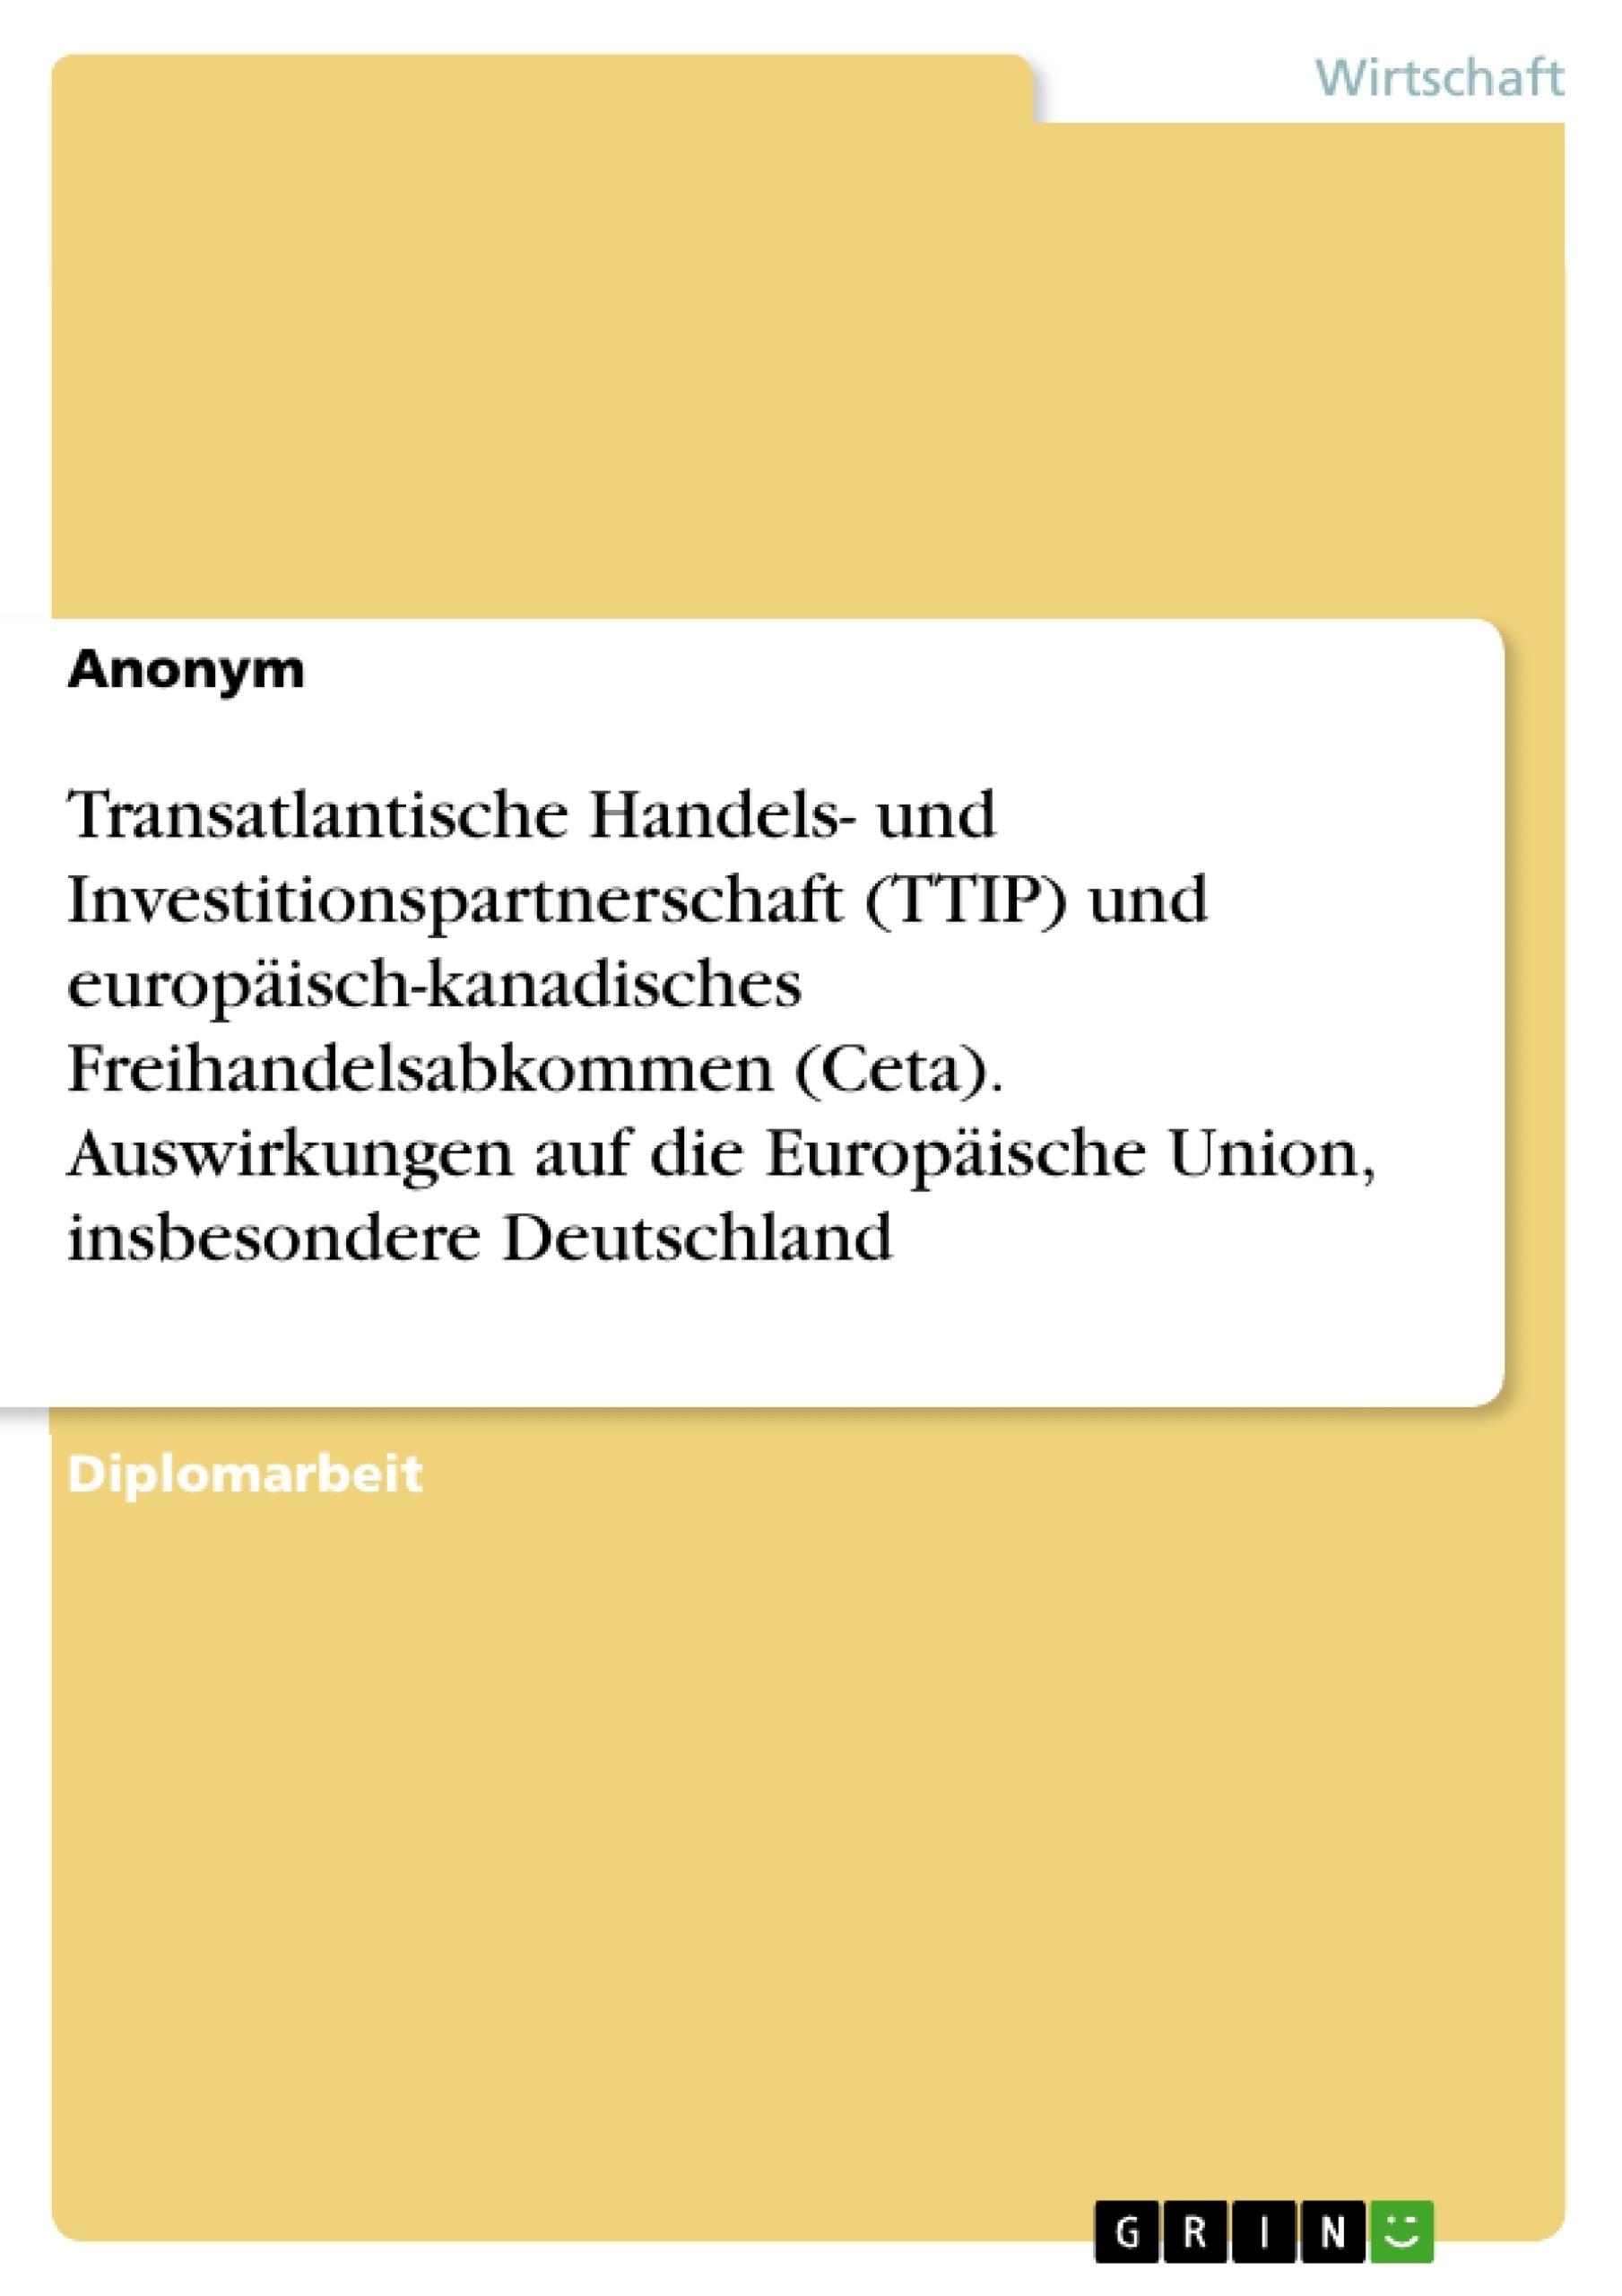 Titel: Transatlantische Handels- und Investitionspartnerschaft (TTIP) und europäisch-kanadisches Freihandelsabkommen (Ceta). Auswirkungen auf die Europäische Union, insbesondere Deutschland